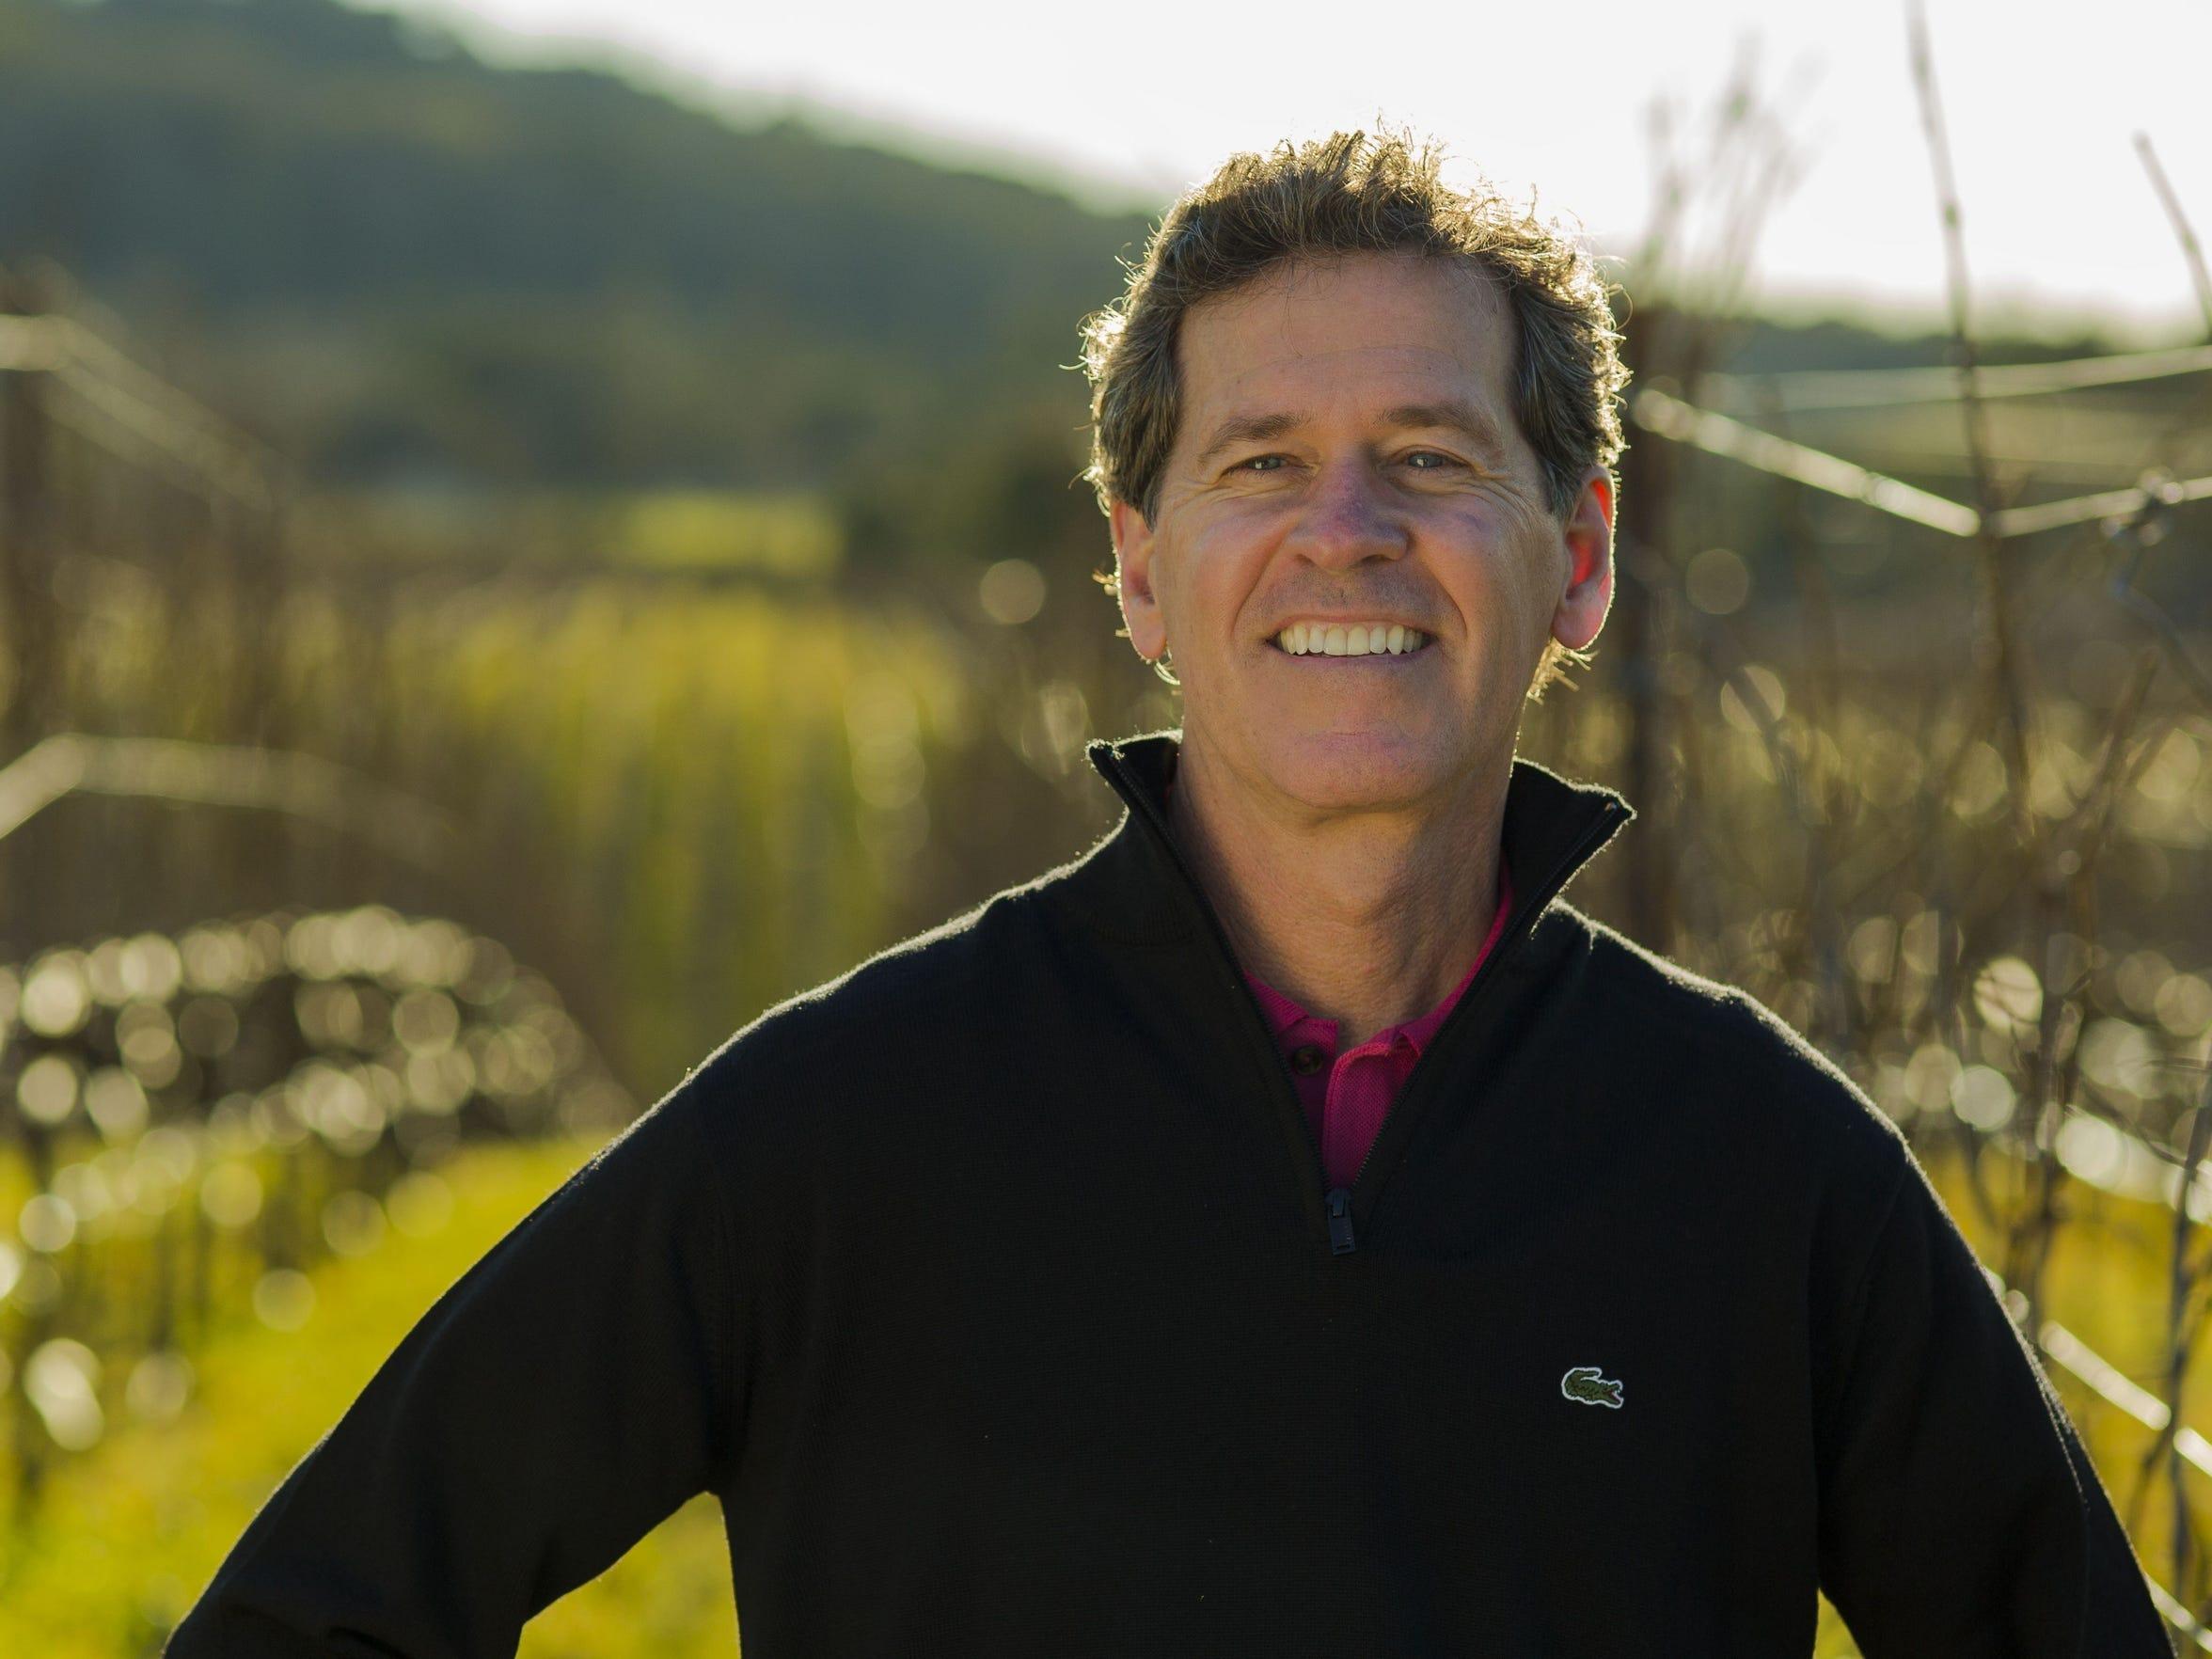 International wine investor Paul Hobbs, of Paul Hobbs